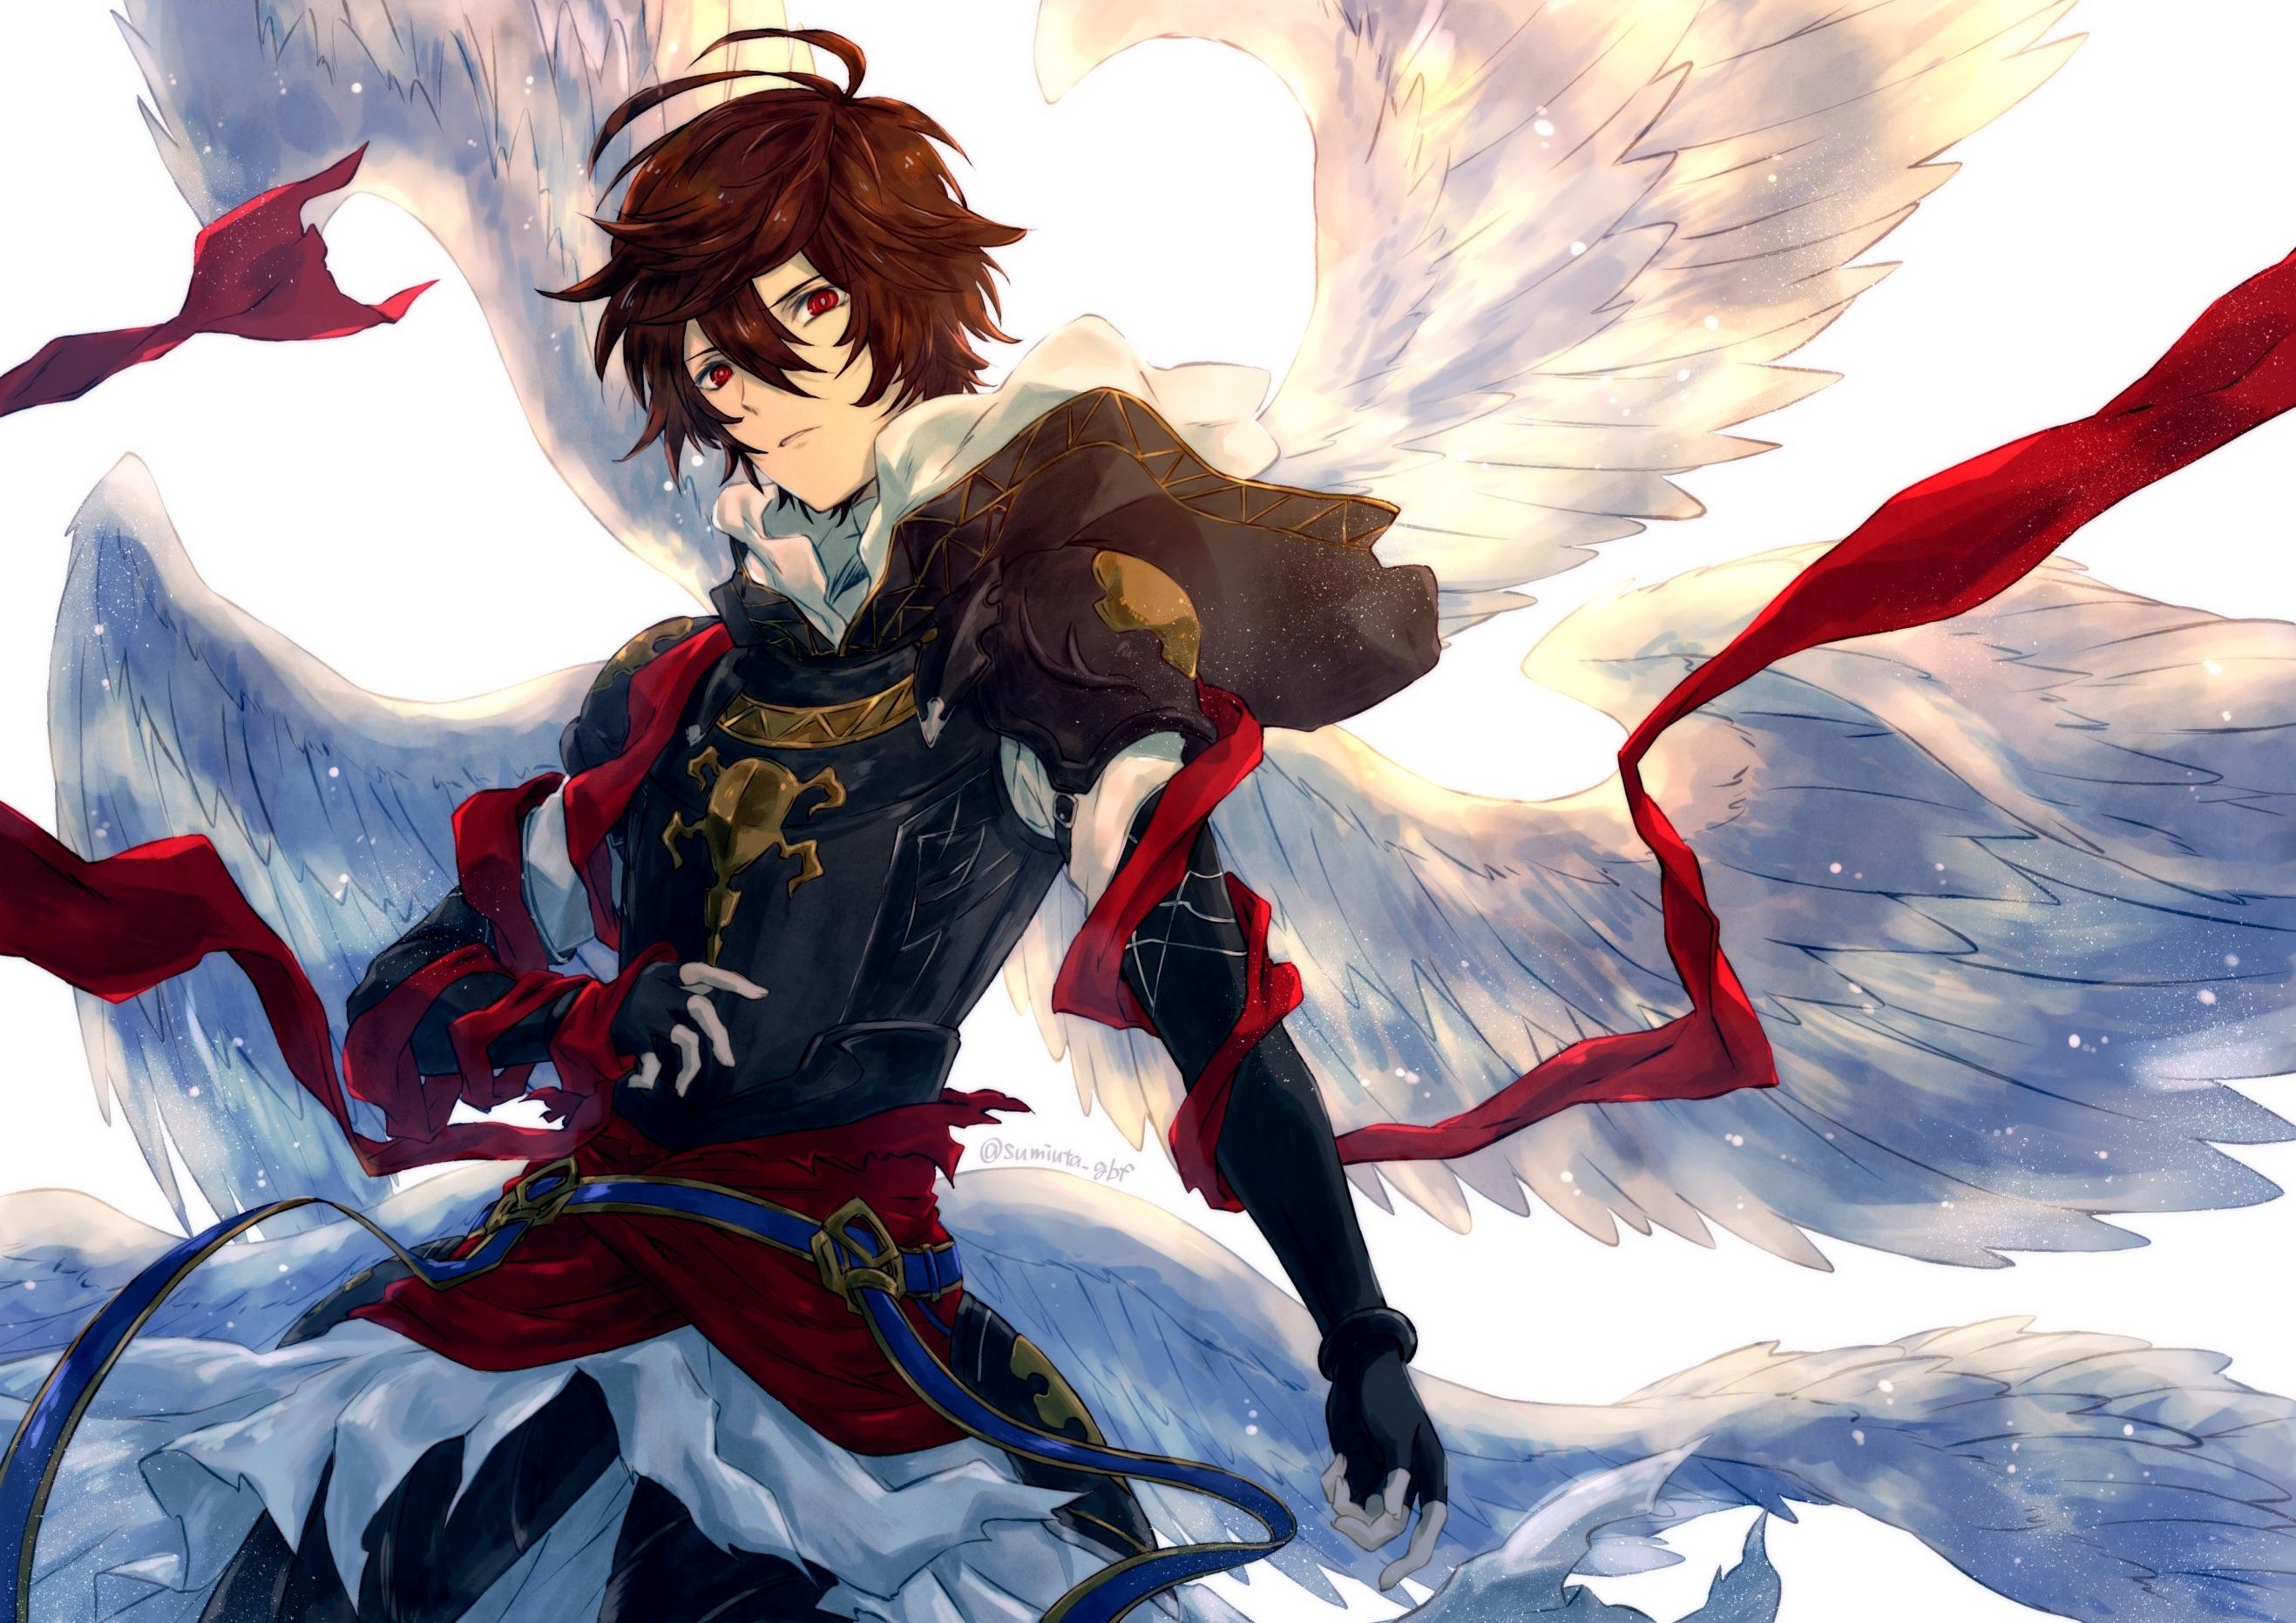 Sandalphon Granblue Fantasy Wallpaper, HD Anime 4K ...